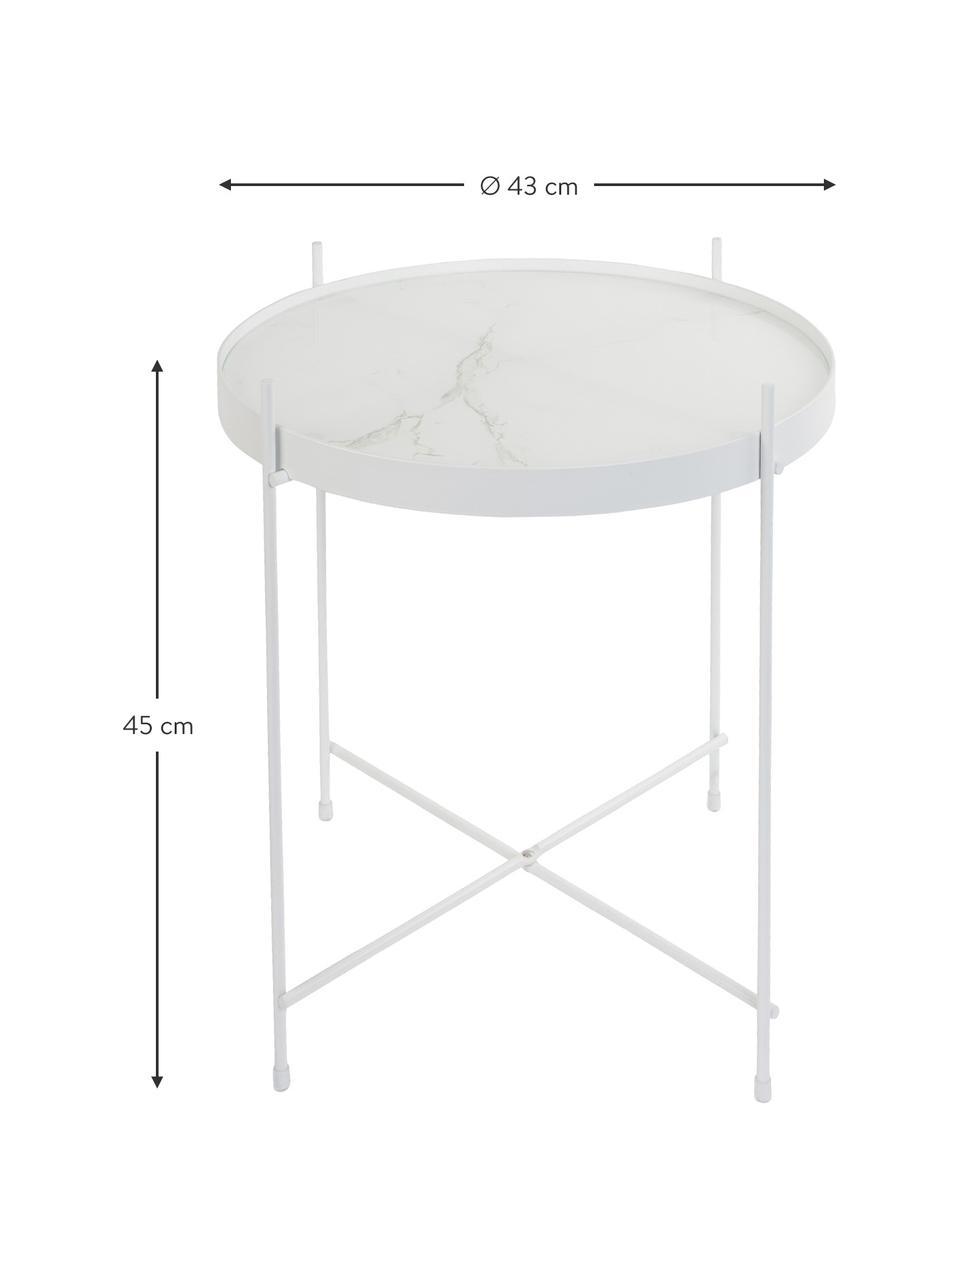 Tablett-Beistelltisch Cupid mit Glasplatte in Marmor-Optik, Gestell: Eisen, pulverbeschichtet, Tischplatte: Glasplatte mit Folie in M, Weiß, Ø 43 x H 45 cm